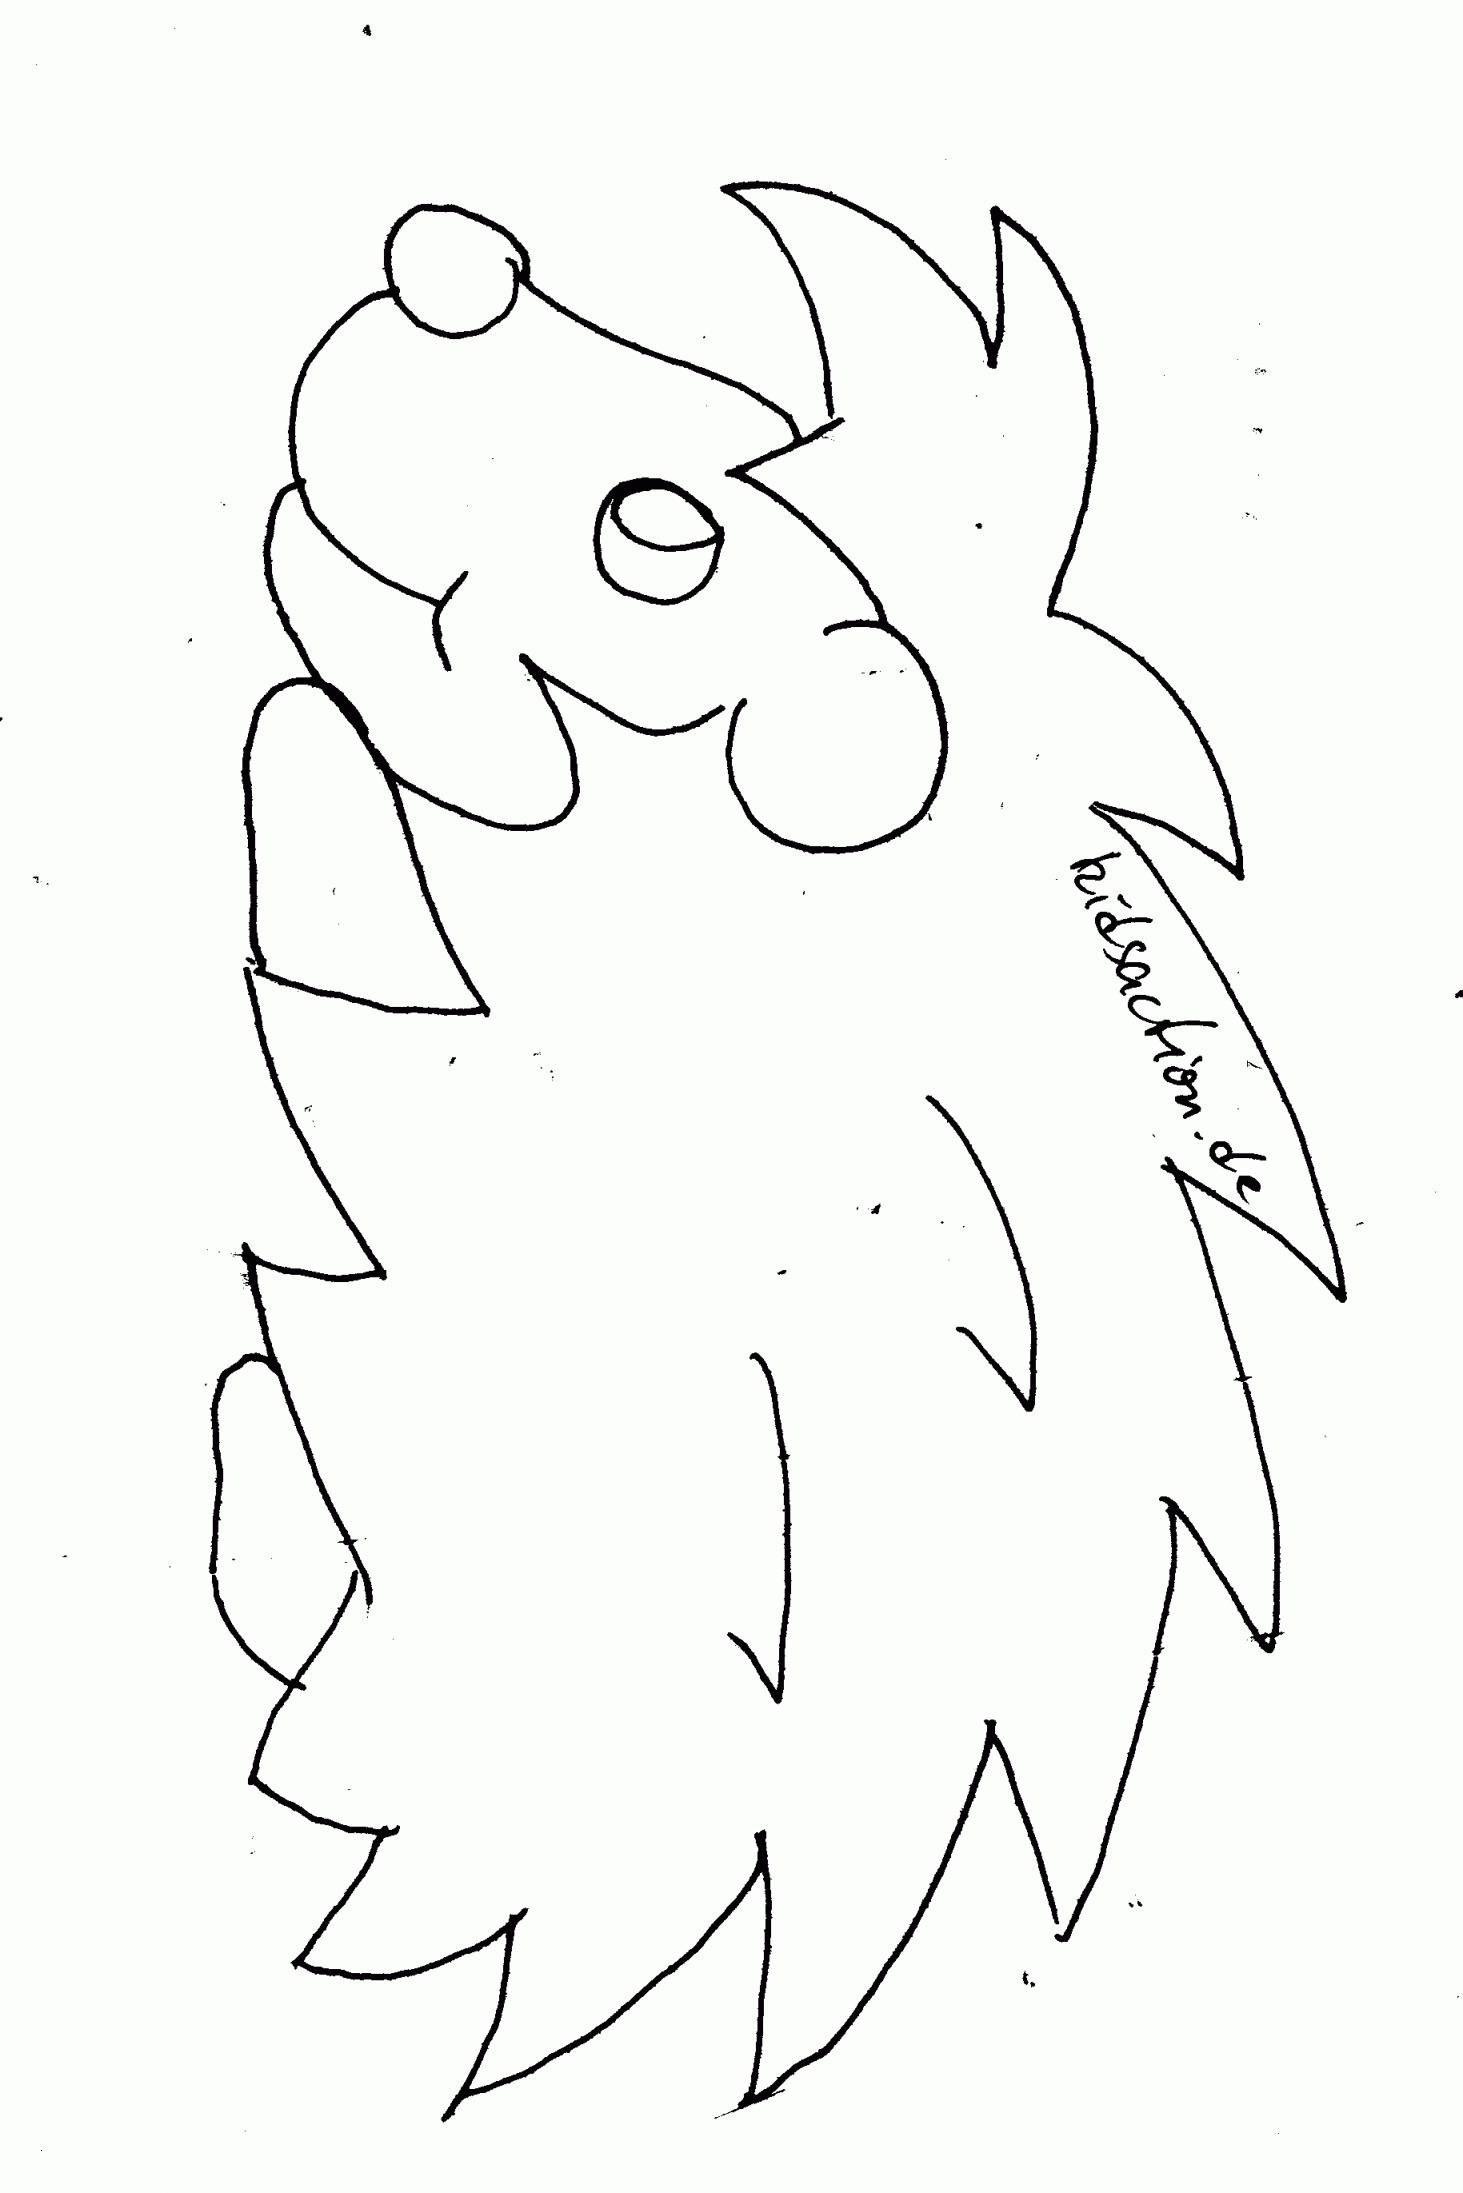 Ausmalbilder Winnie Pooh Und Seine Freunde Malvorlagen Frisch 37 Ausmalbilder Winnie Puuh Scoredatscore Best Winnie Puuh Sammlung